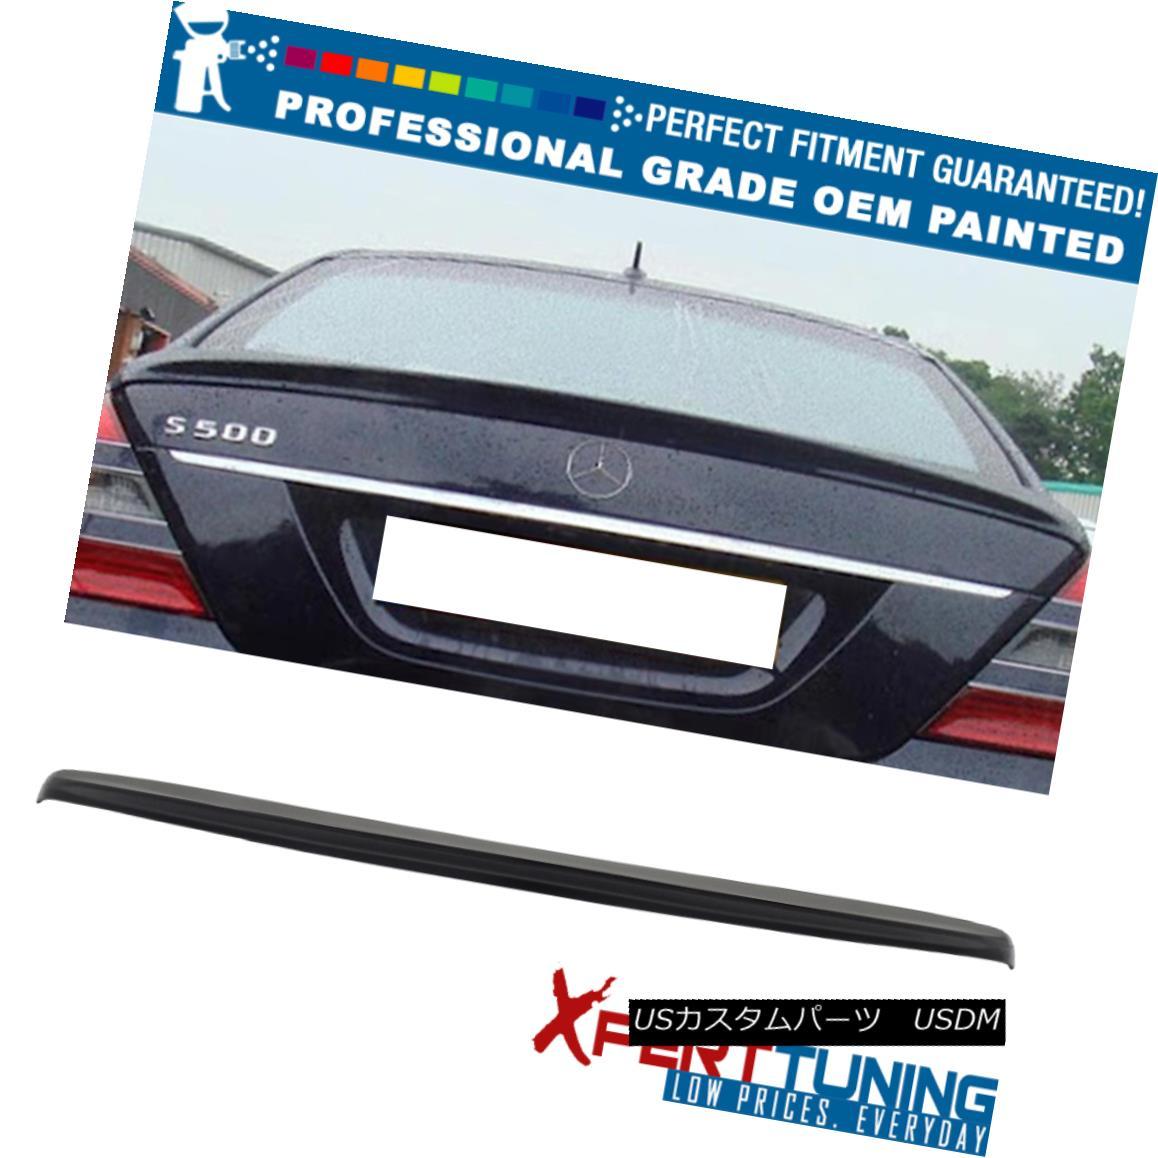 エアロパーツ 07-13 S-Class W221 4Dr Painted AMG Style Trunk Spoiler - OEM Painted Color 07-13 SクラスW221 4Dr塗装AMGスタイルトランク・スポイラー - OEM塗装カラー